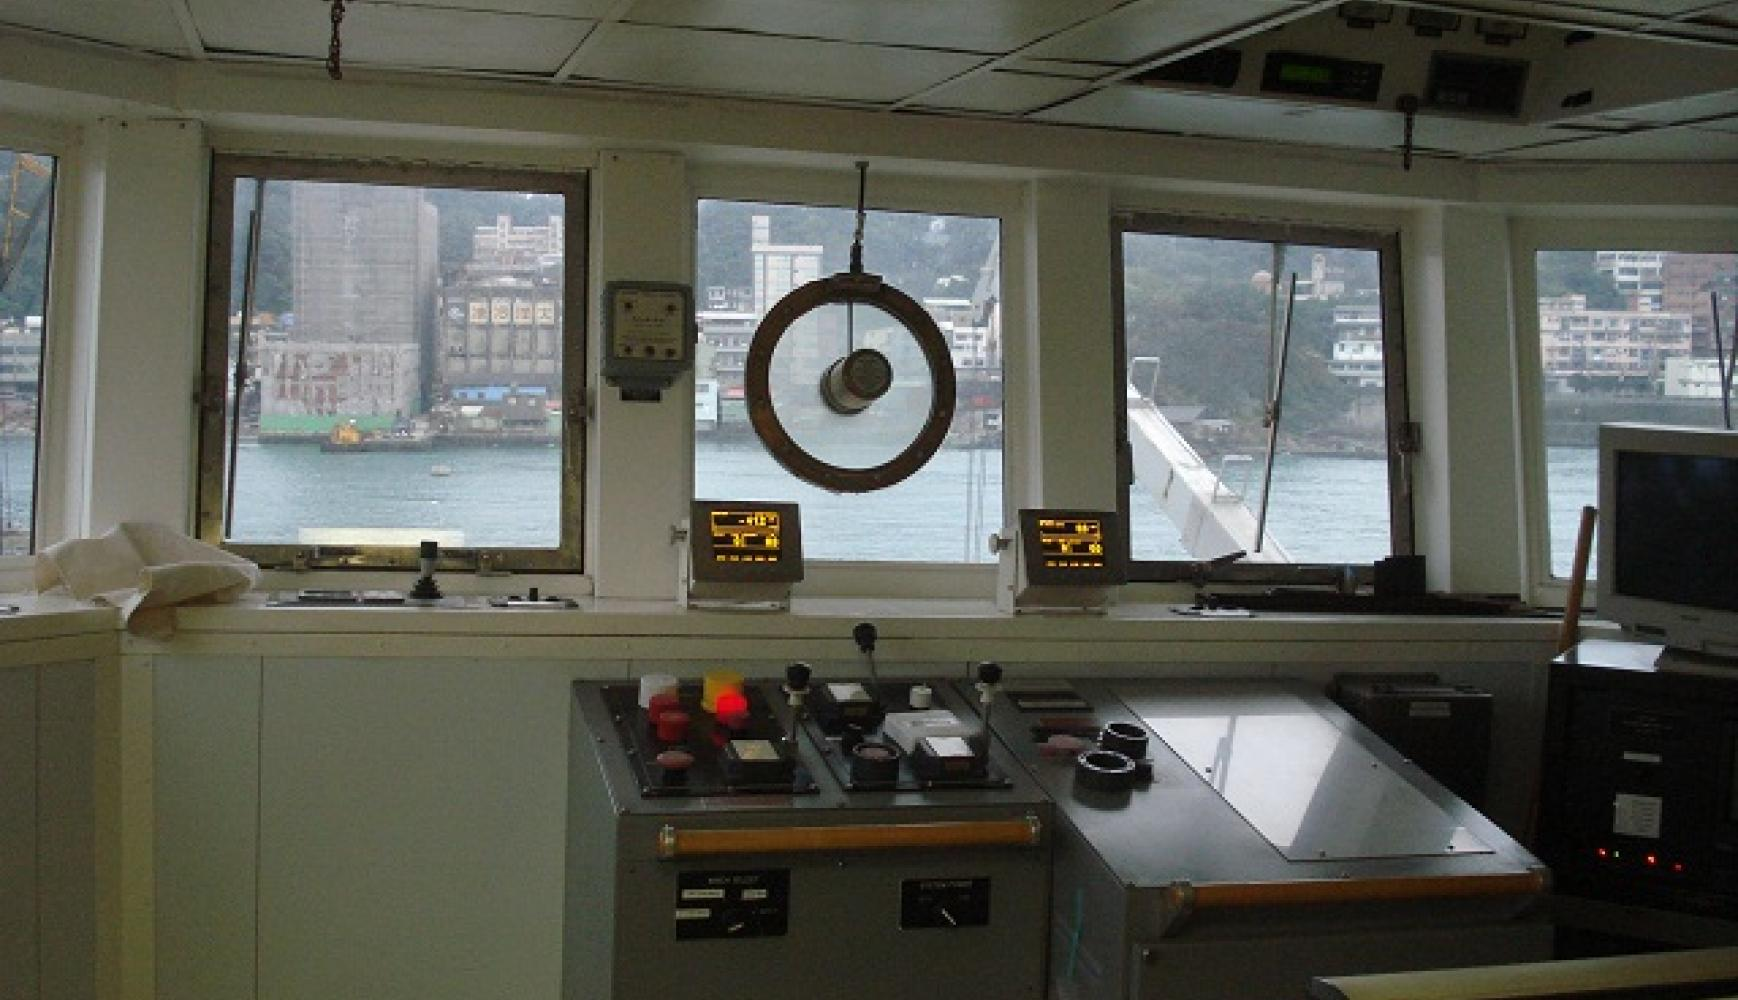 Revelle Bridge Remote Displays